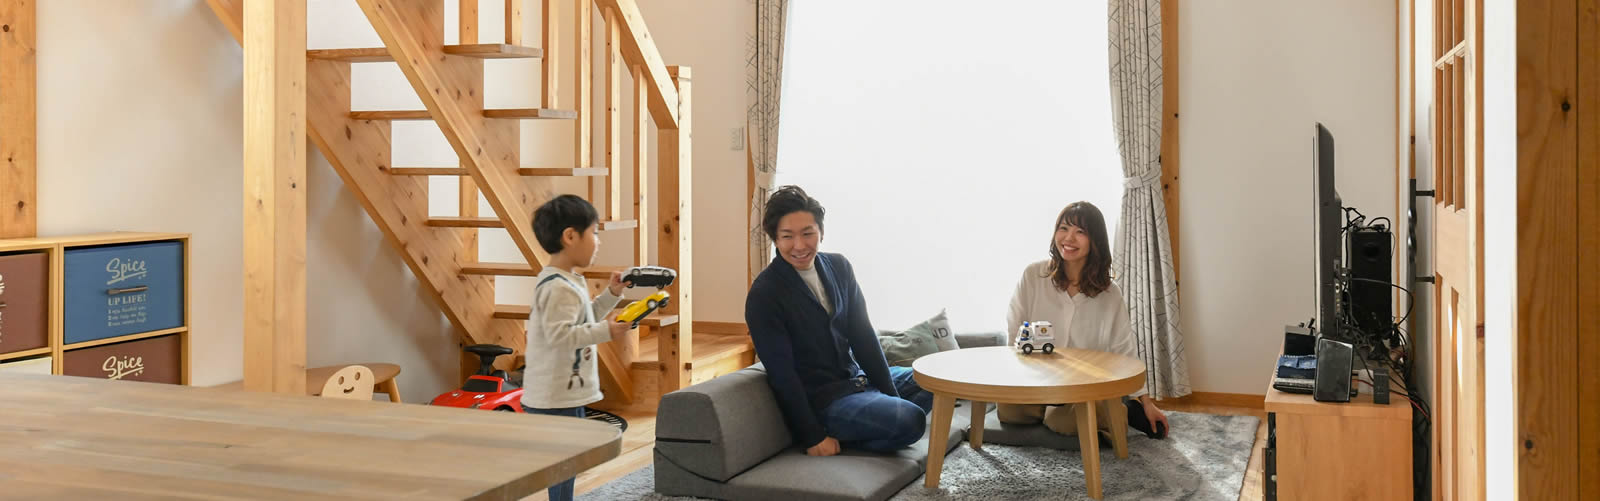 スタイルのある暮らしを楽しみ、家族の団らんを育む家 お客様の声